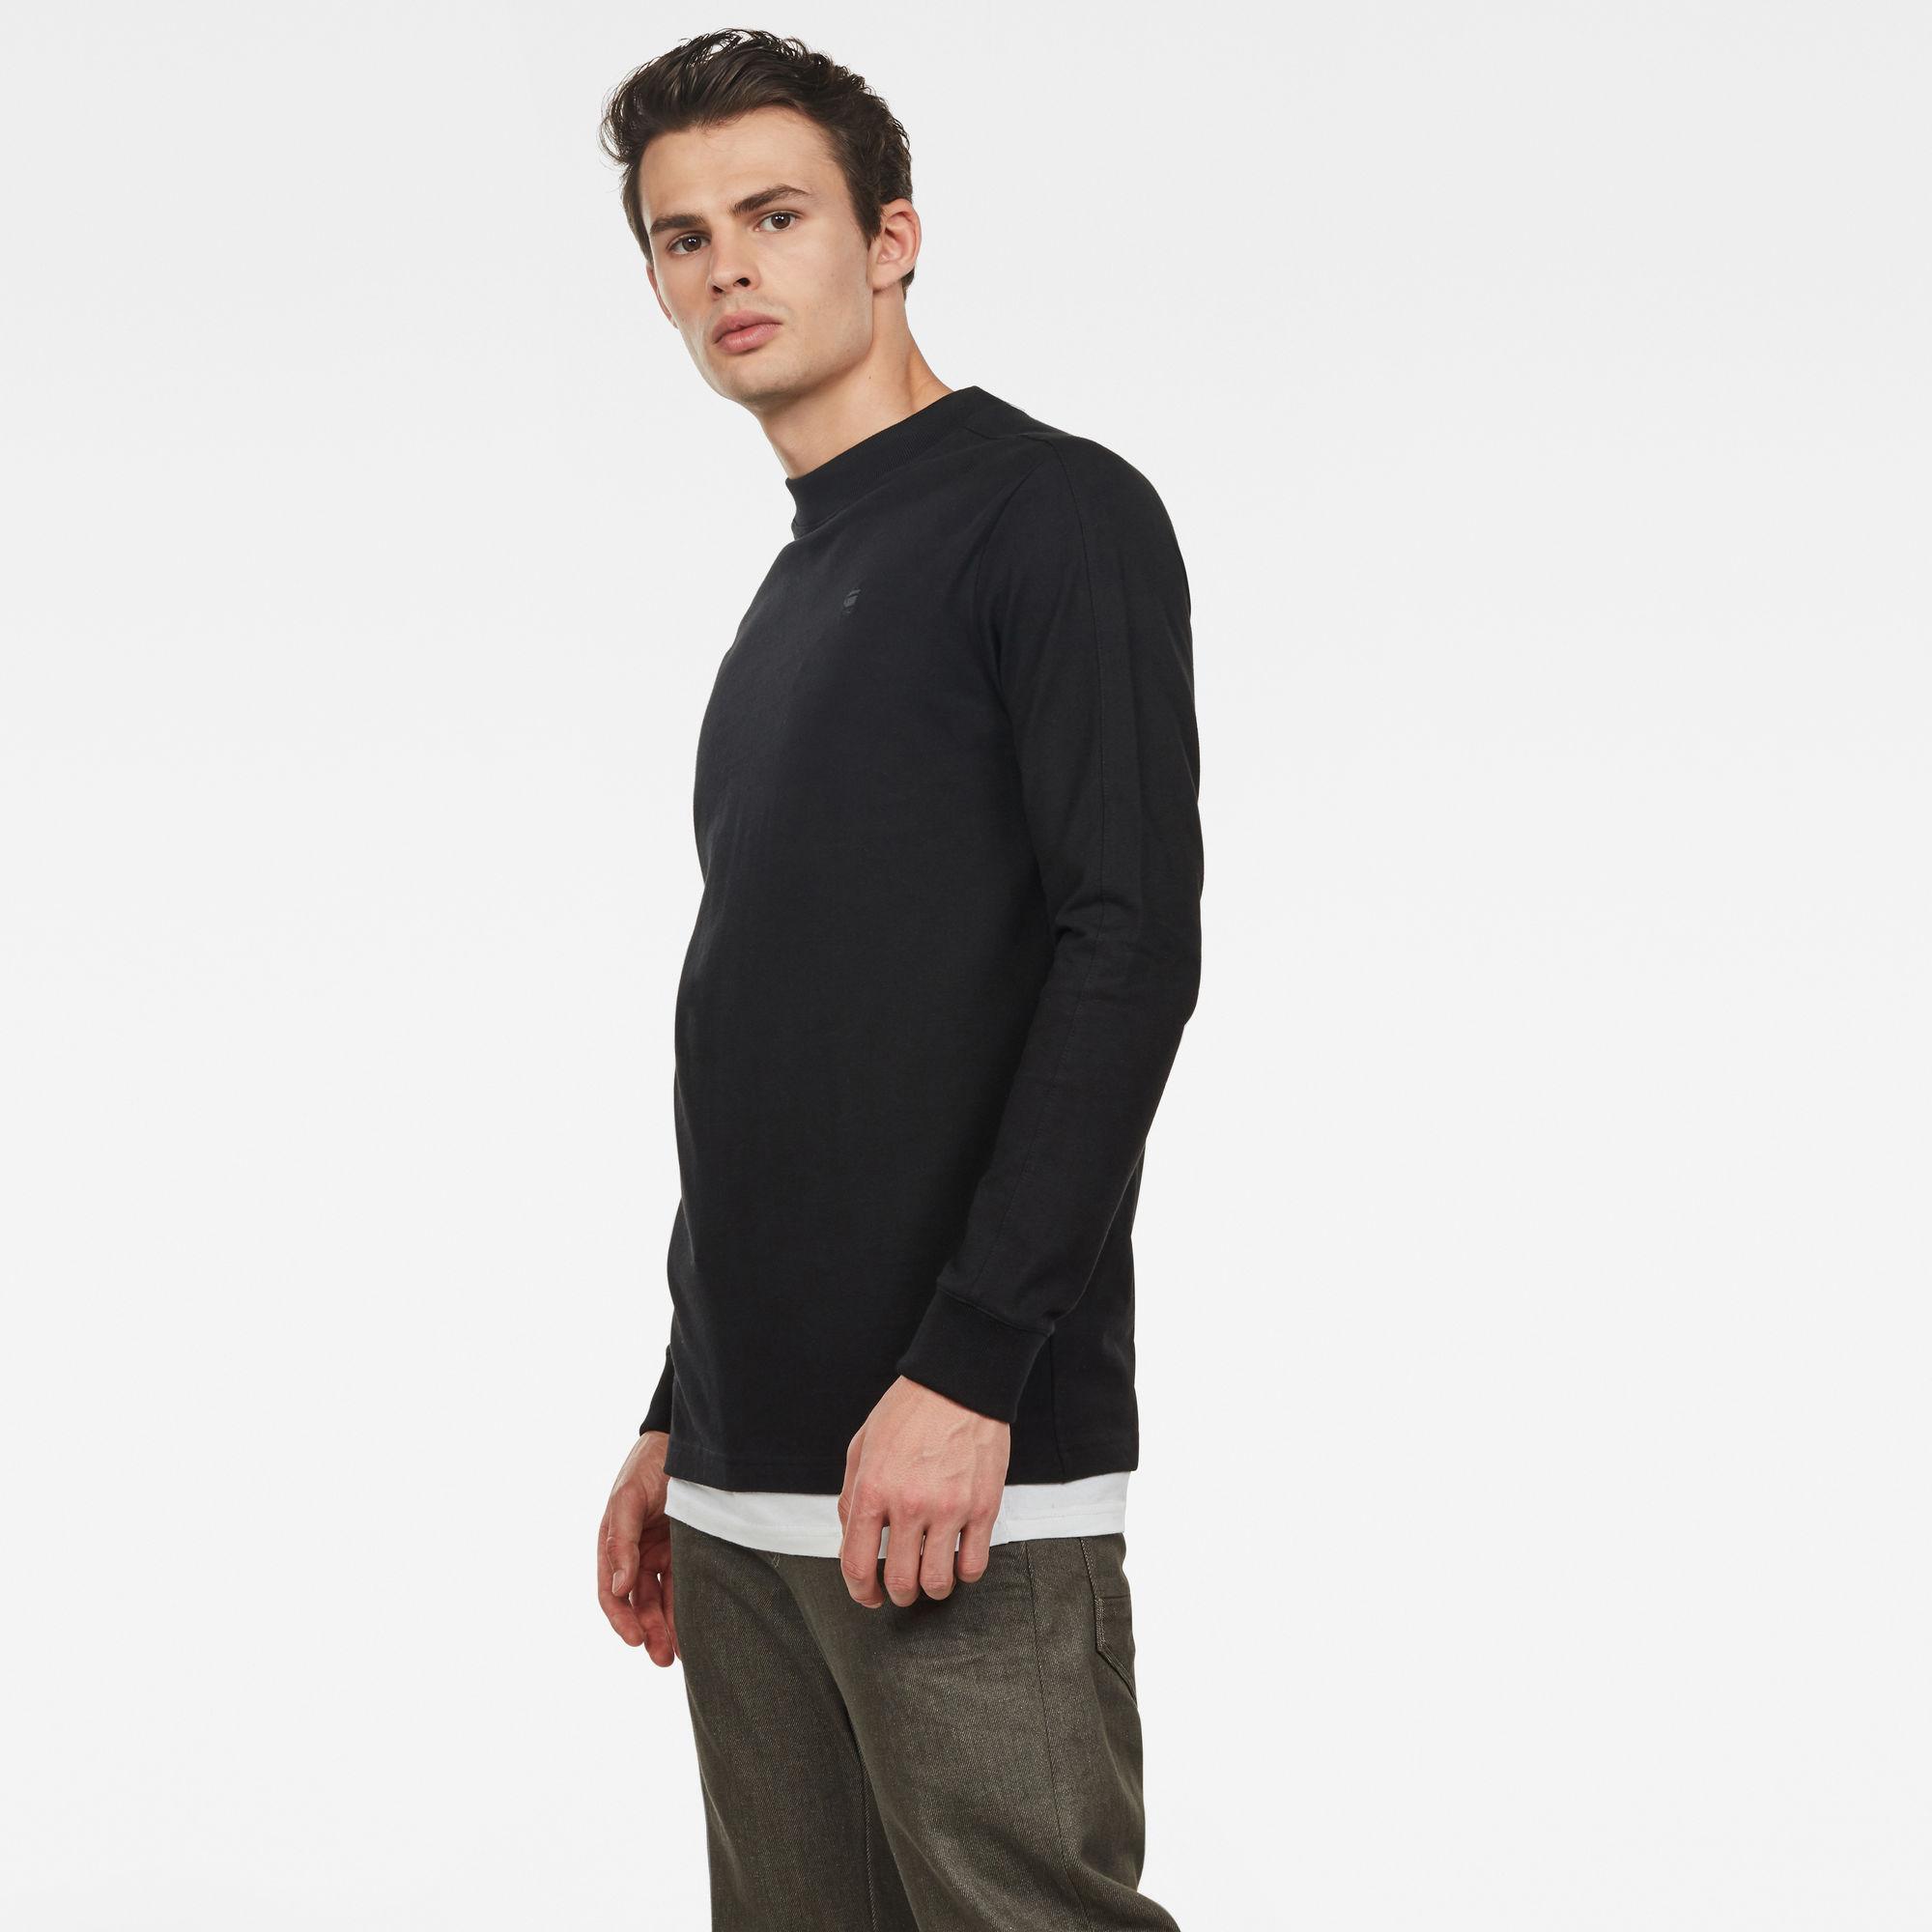 Korpaz Mock T-Shirt